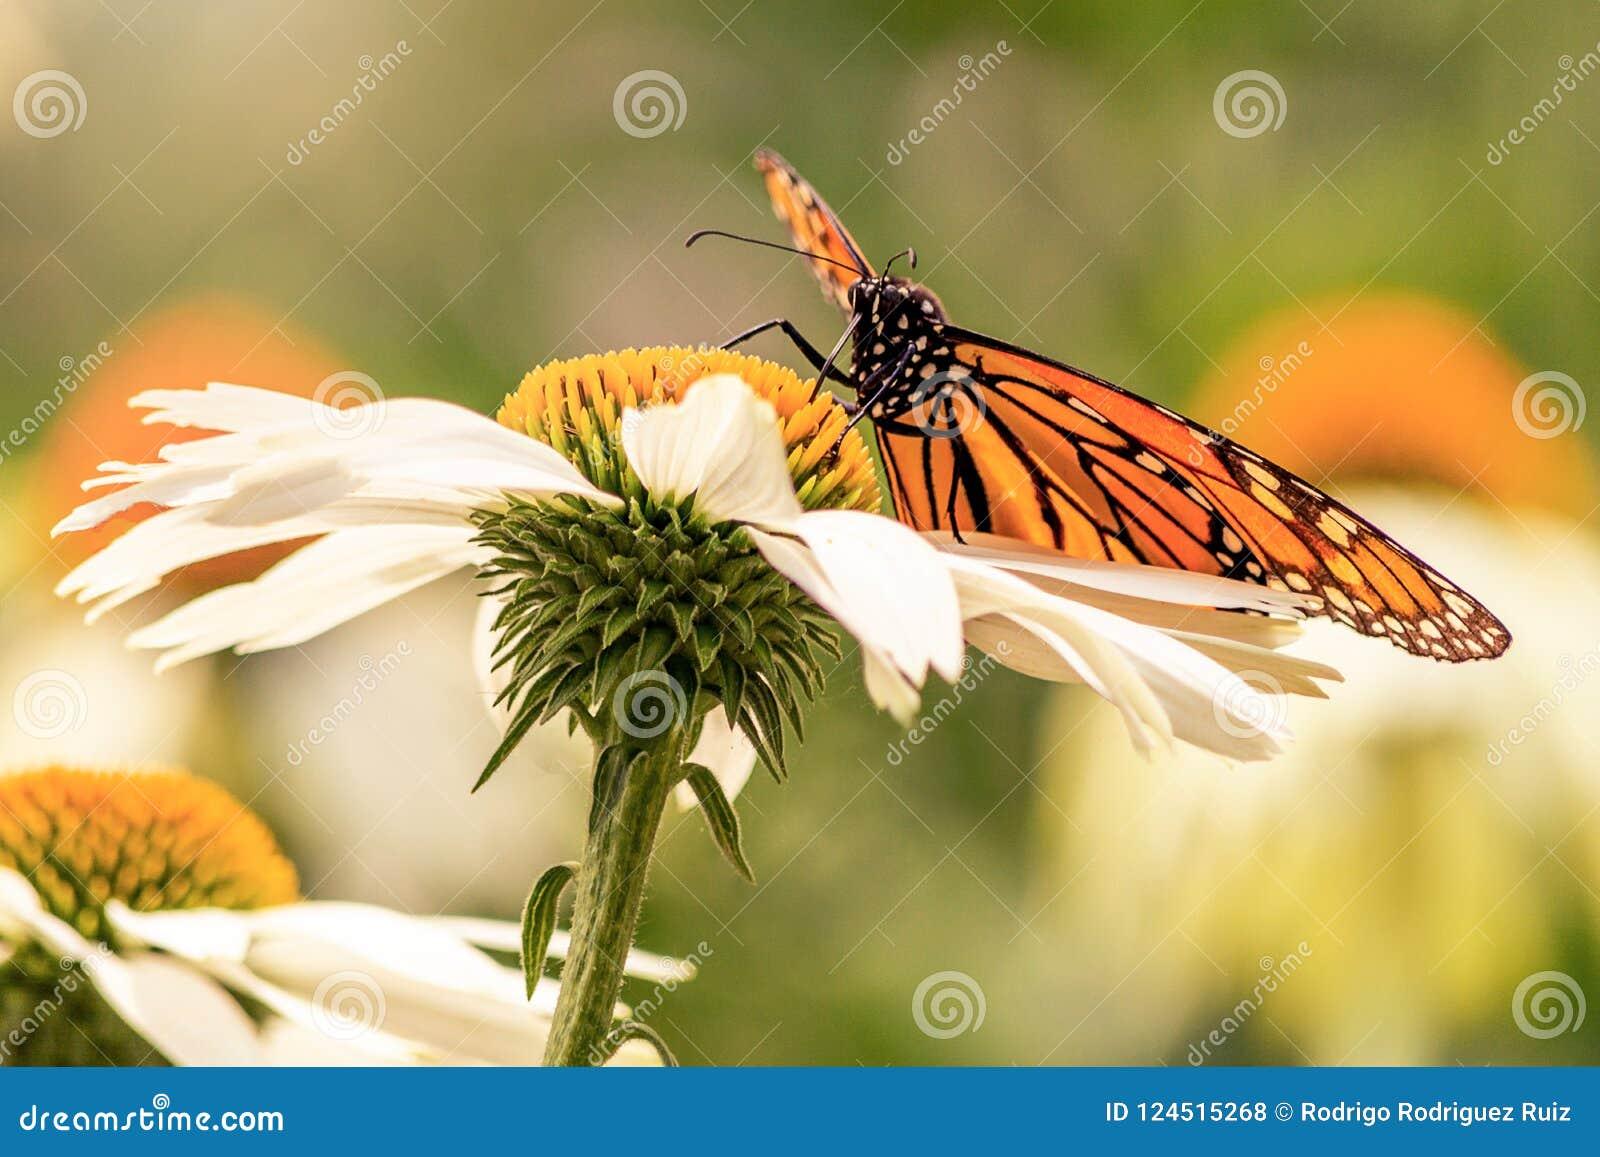 Alas de una mariposa de monarca